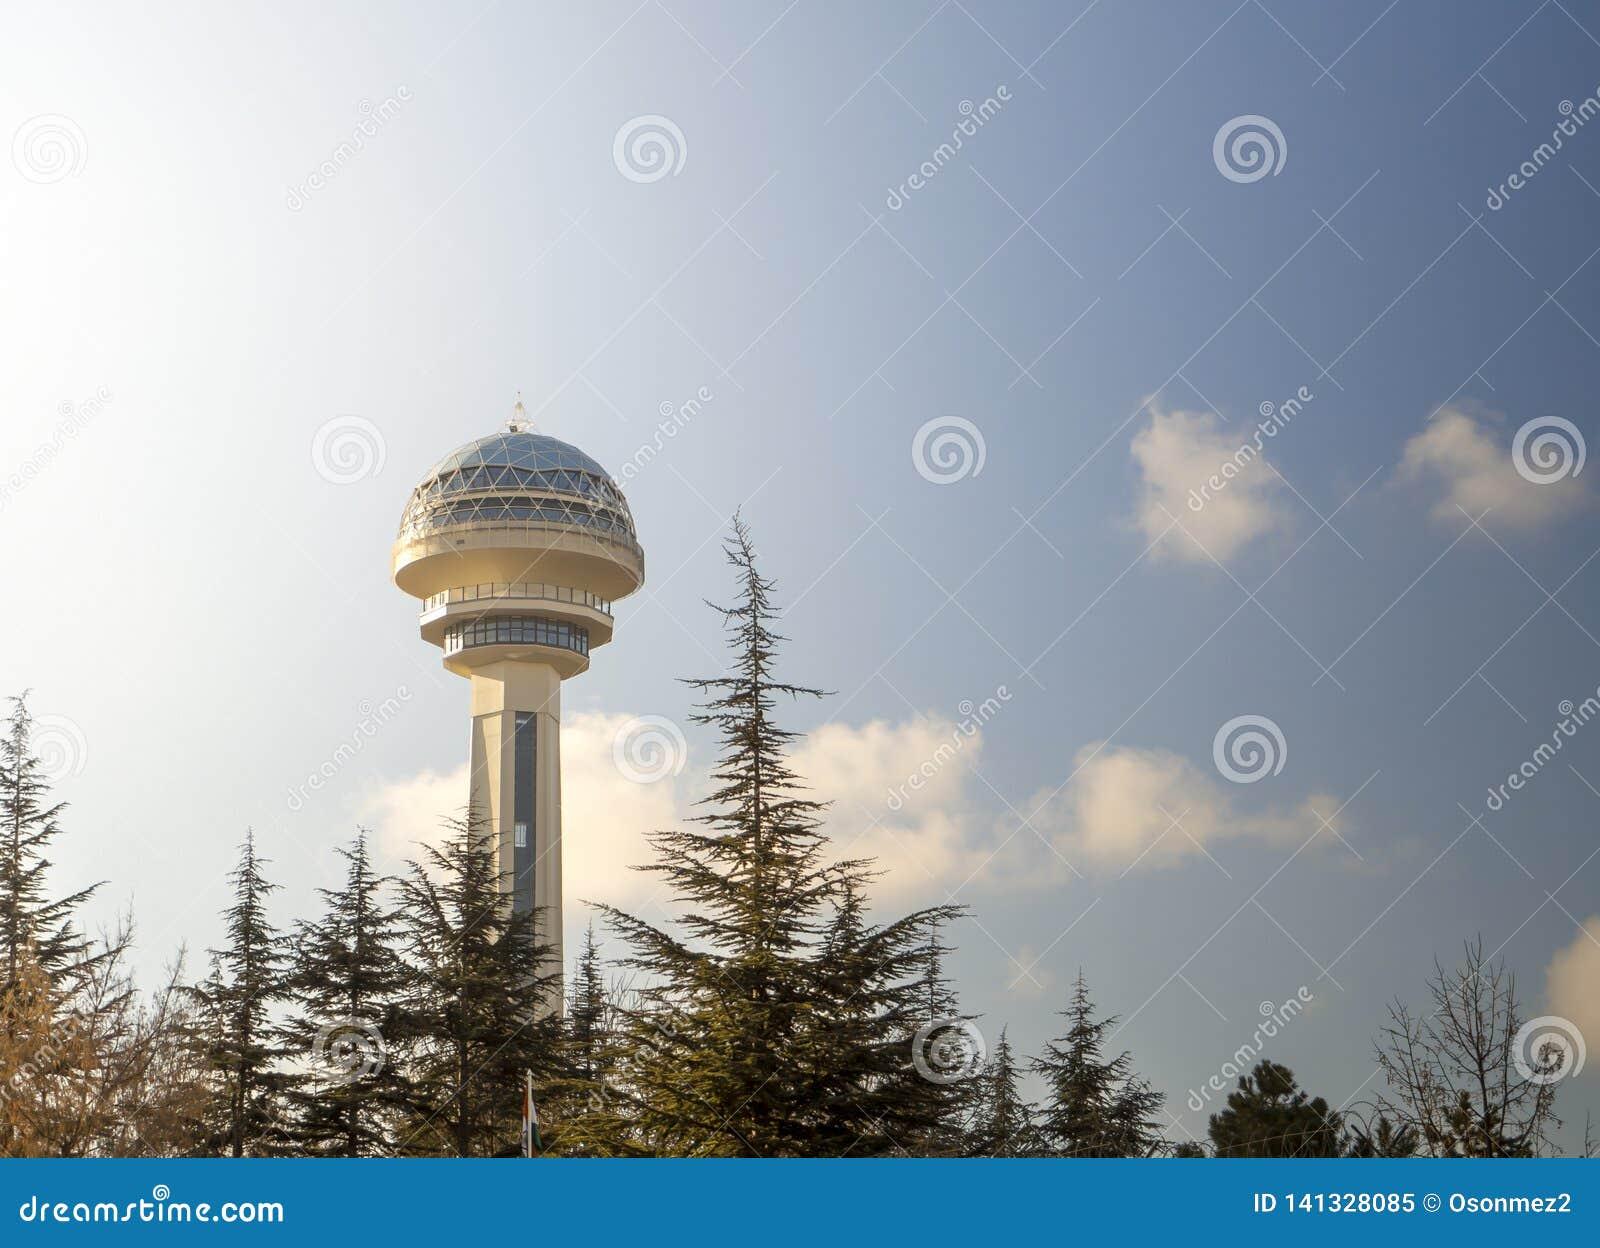 土耳其安卡拉首都'atakule'摩天大楼 摩天大楼成为了土耳其的首都的标志